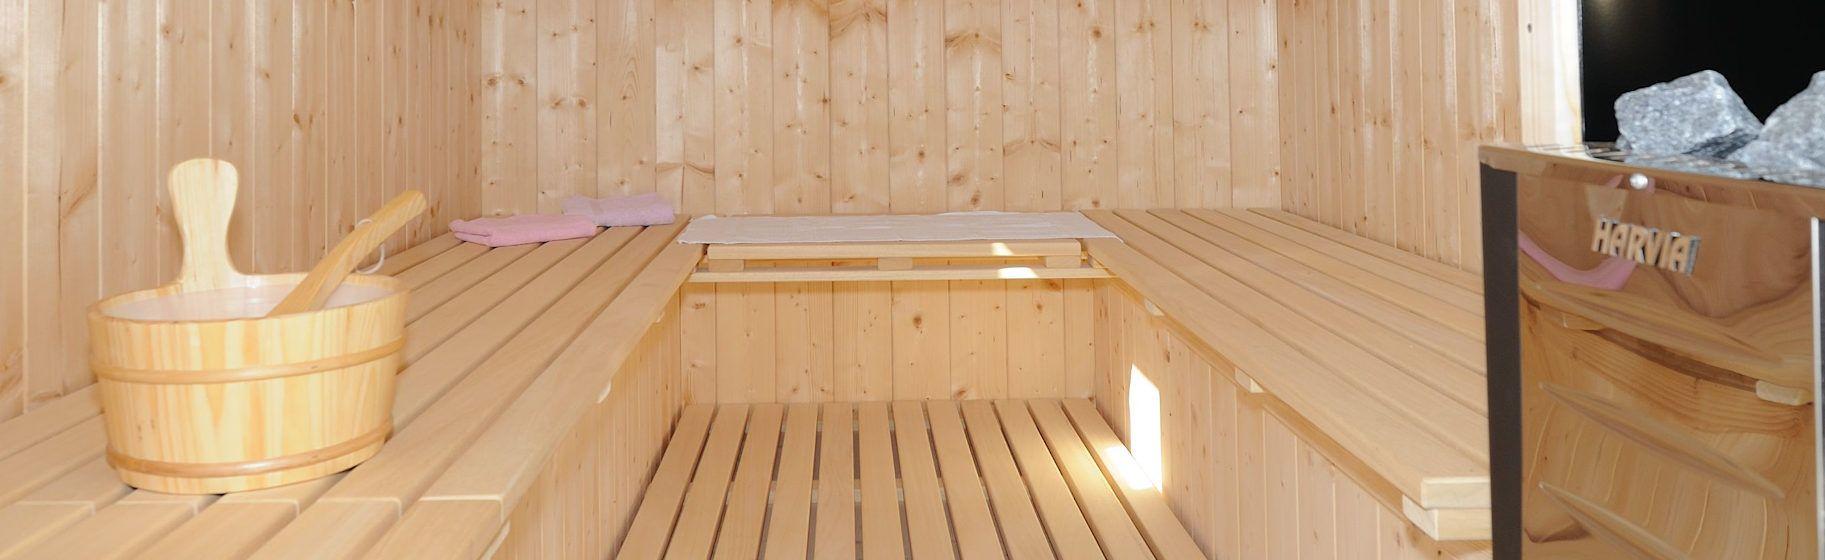 Sauna im Innenbereich